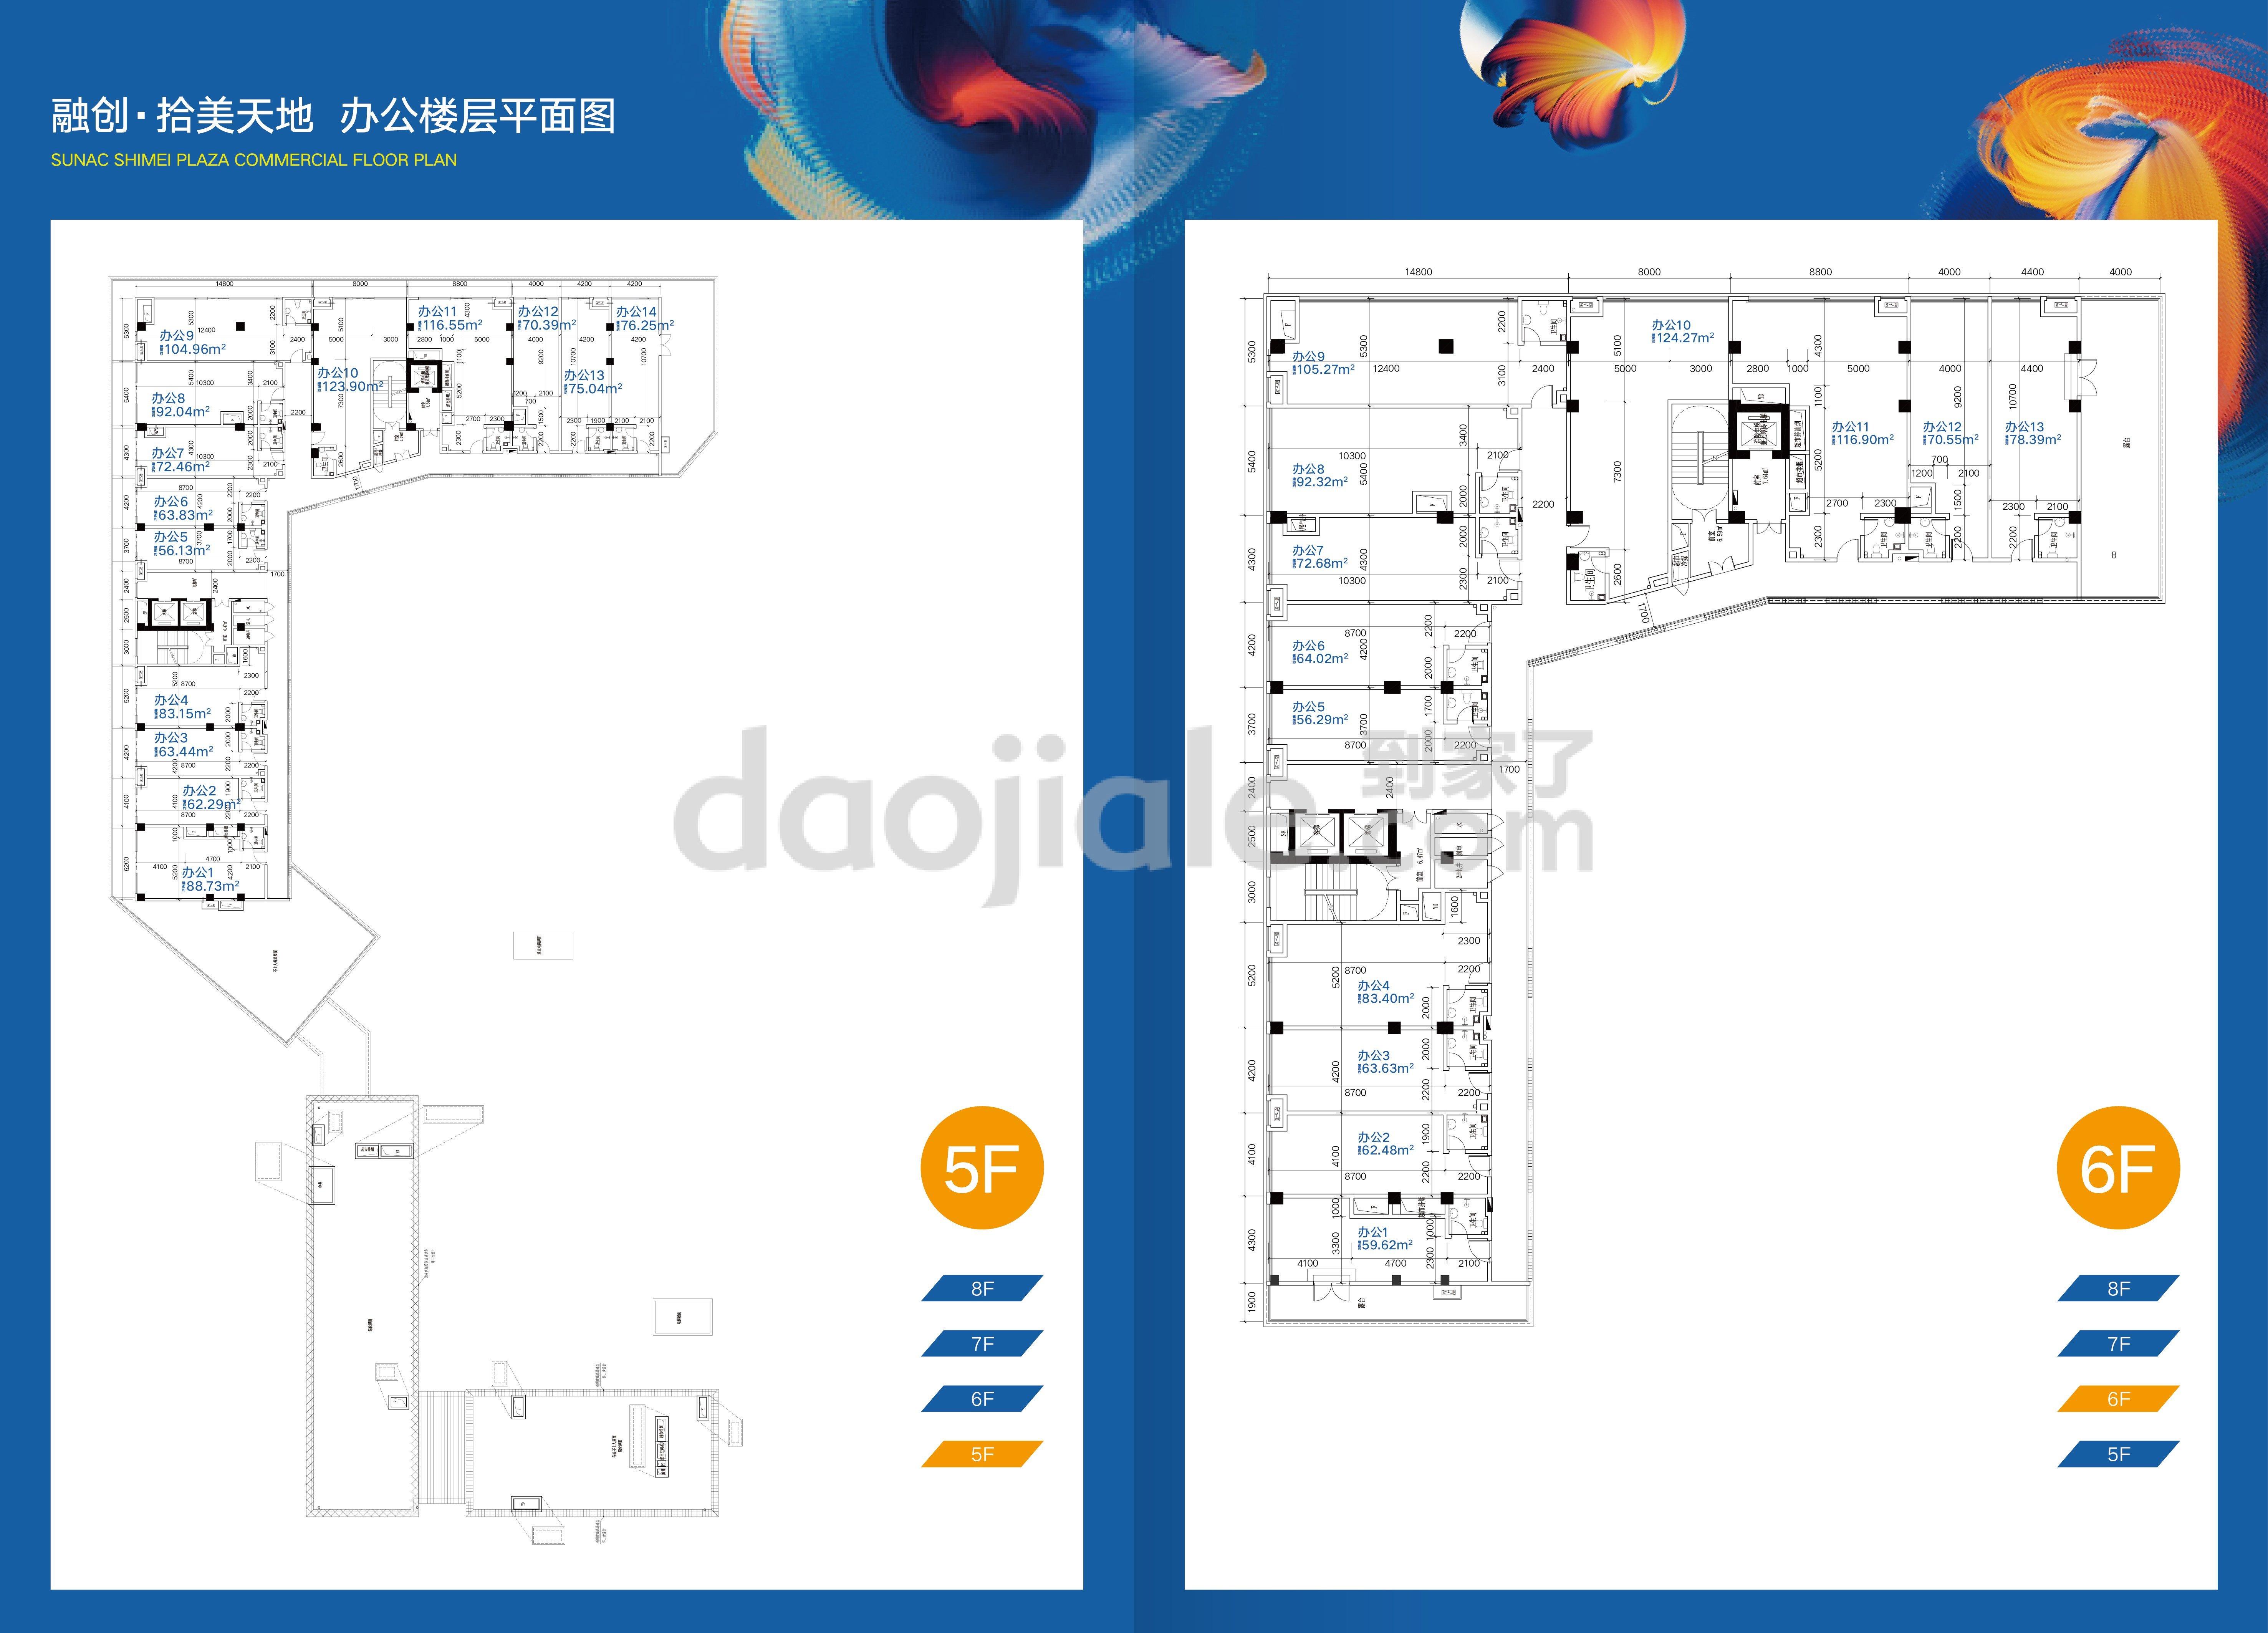 沙坪坝区沙滨路融创滨江壹号新房公寓户型图